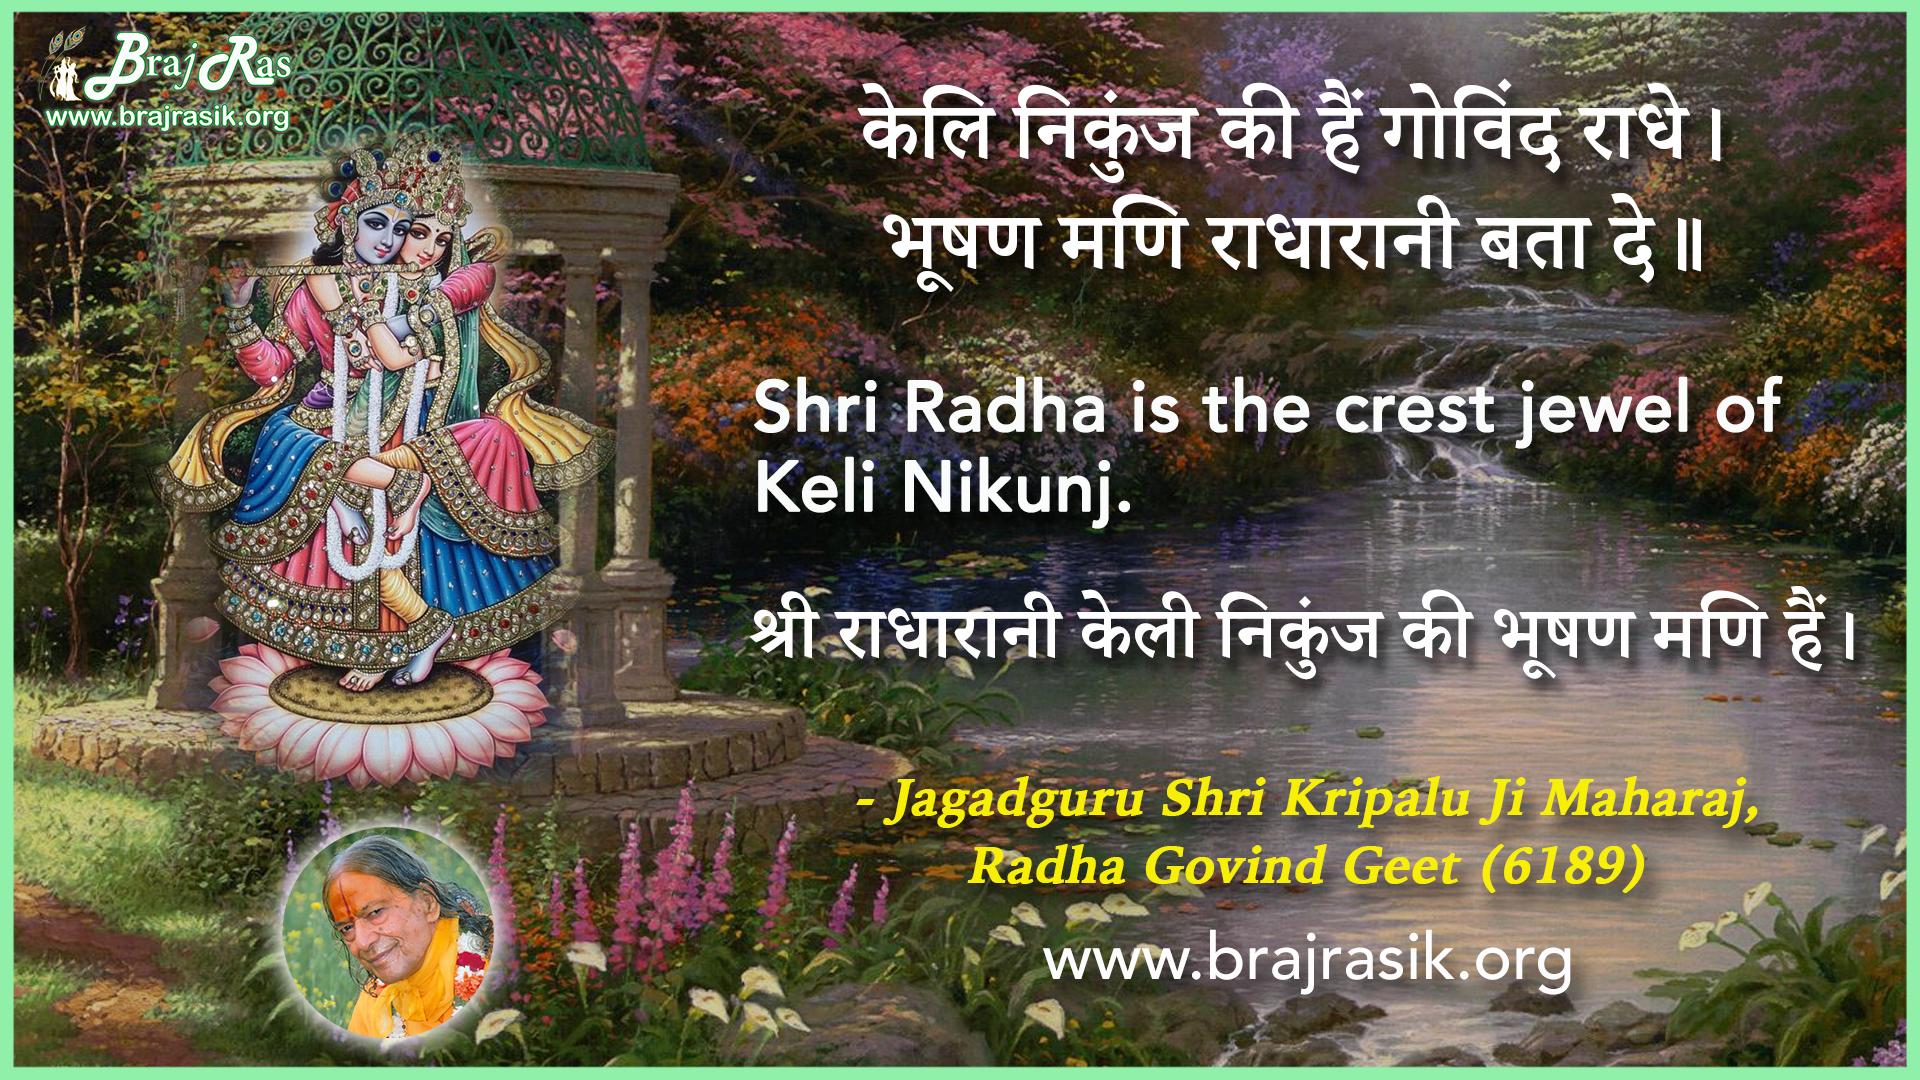 Keli Nikunj Ki Hain Govind Radhe - Jagadguru Shri Kripalu Ji Maharaj, Radha Govind Geet (6189)